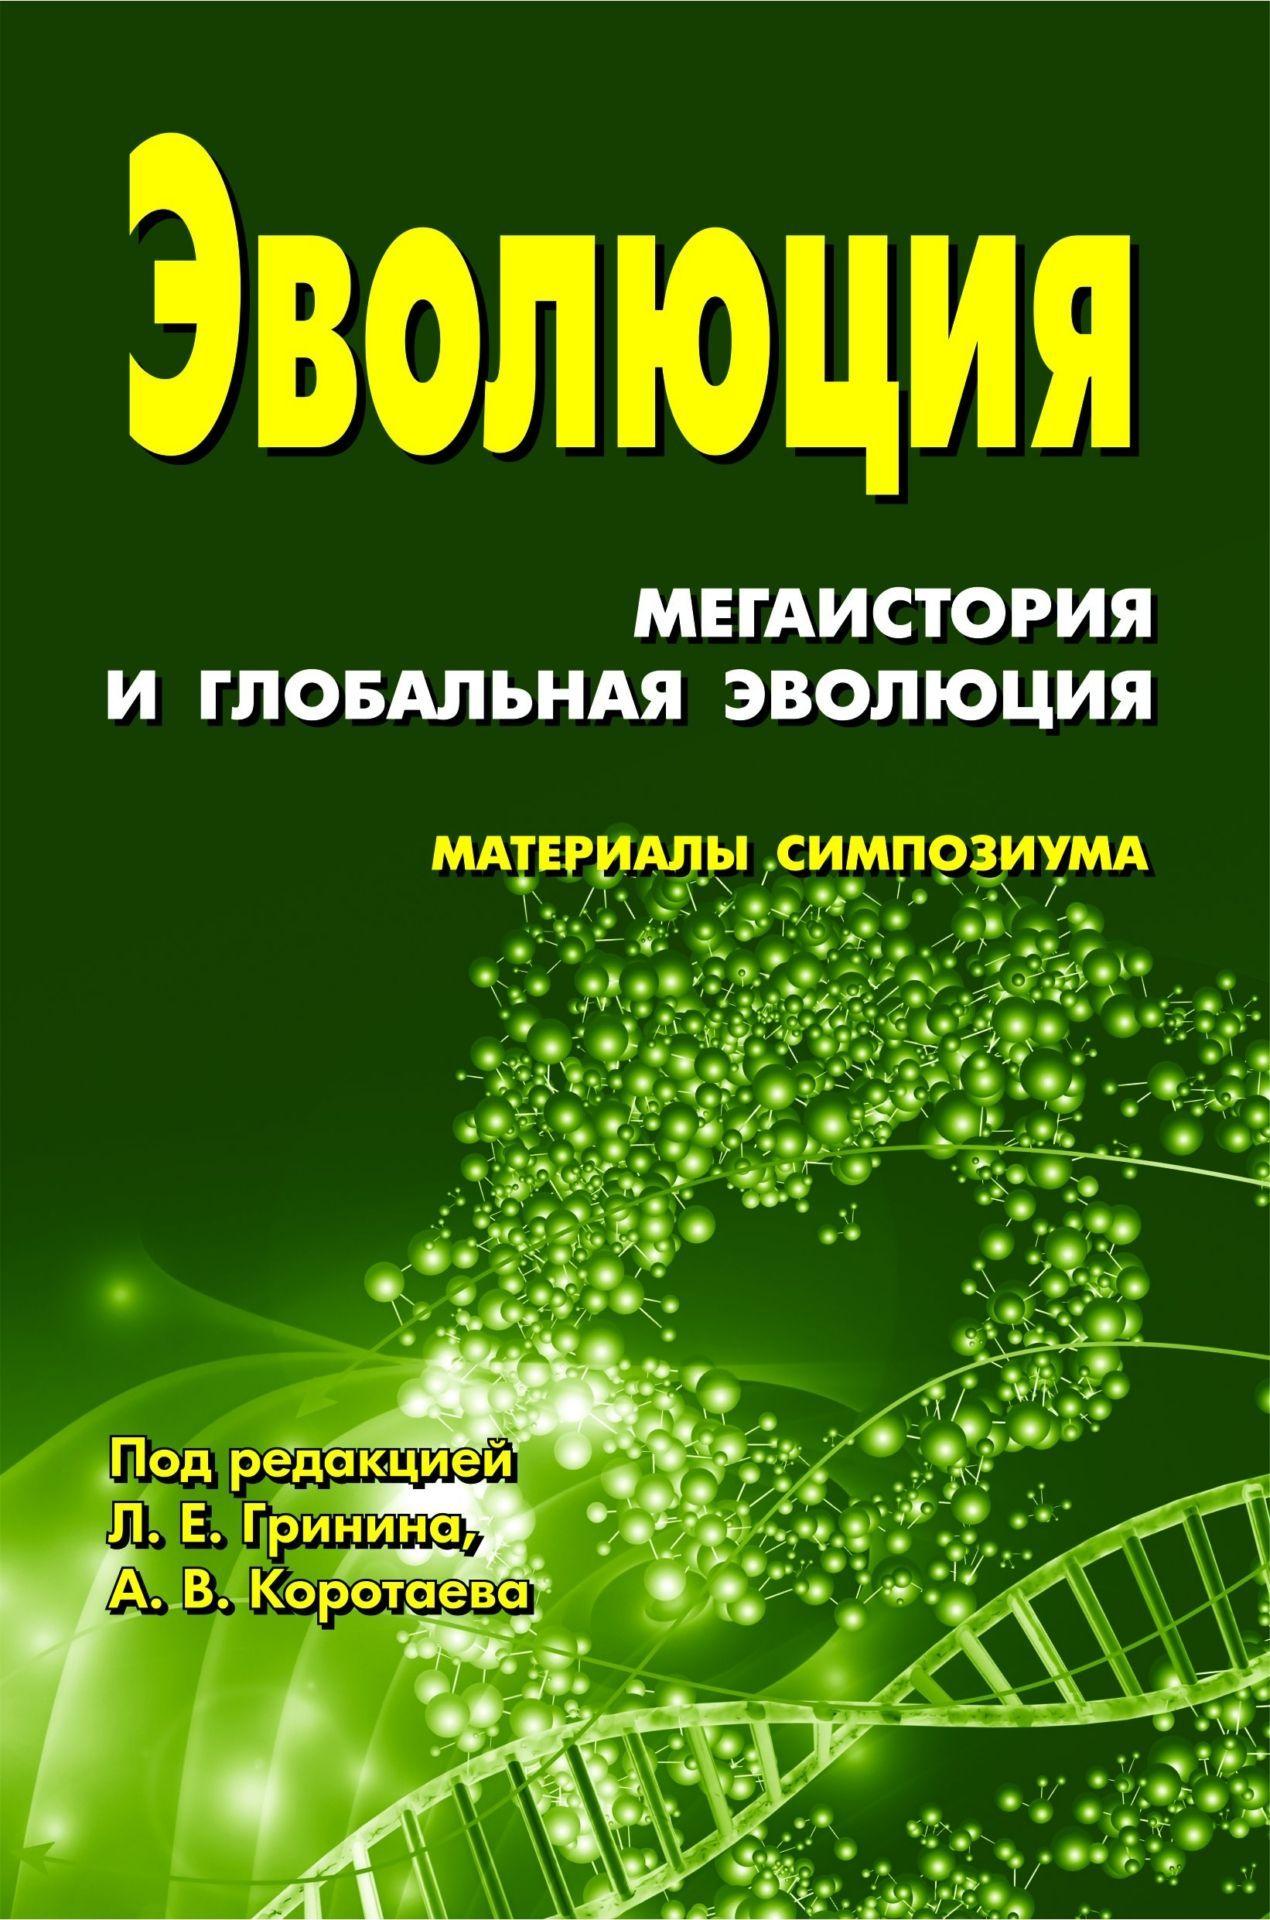 Эволюция: мегаистория и глобальная эволюция: материалы симпозиума